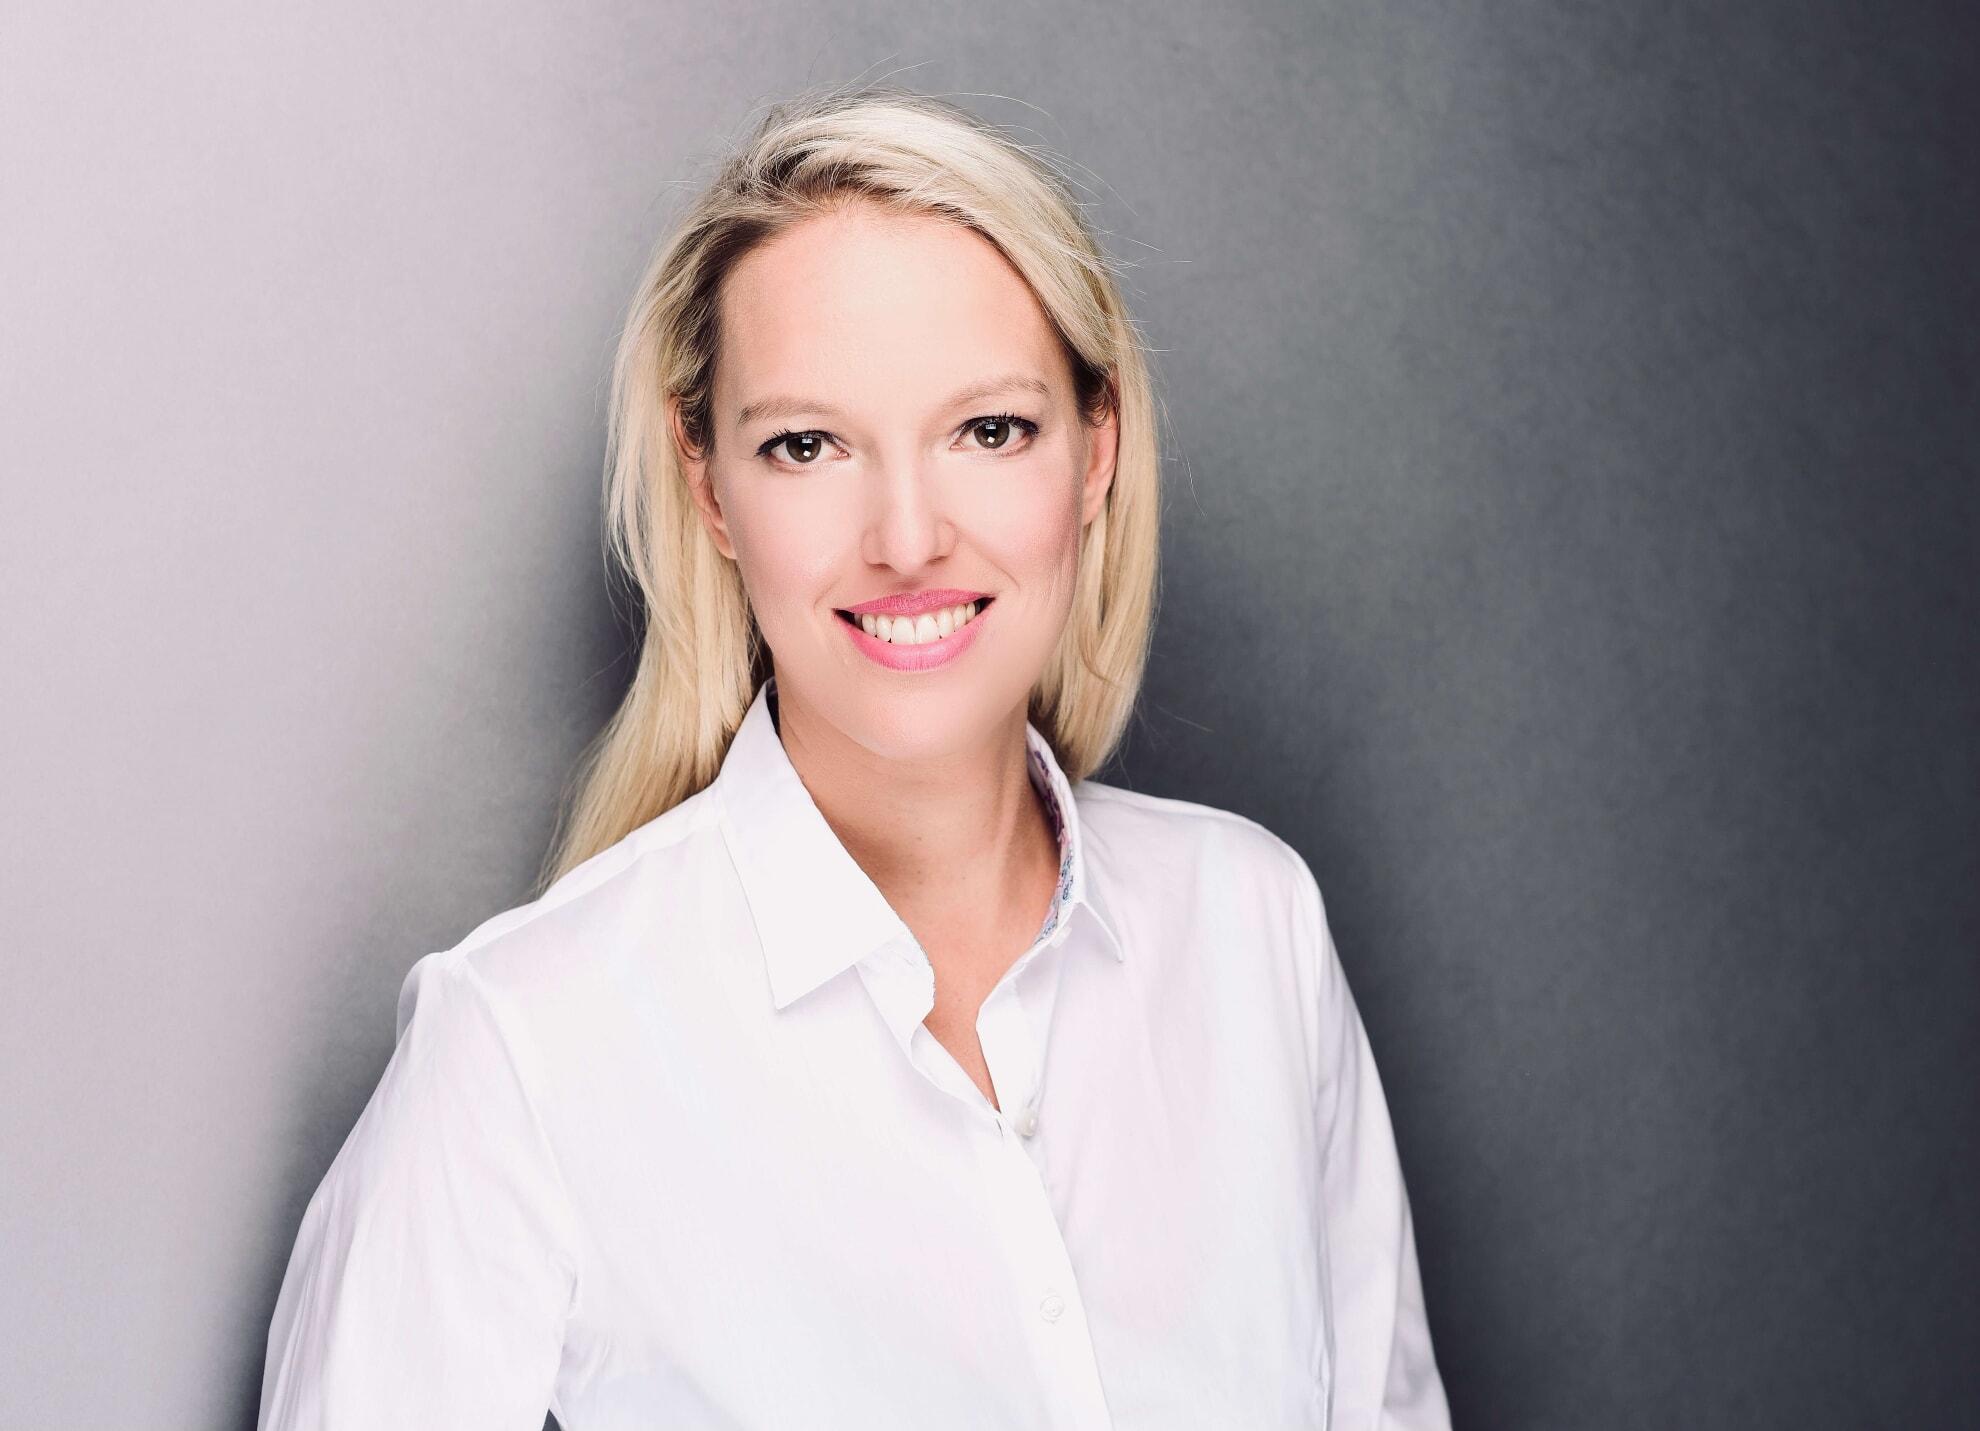 Praxis für ganzheitliche Medizin & bioidentische Hormontherapie / Nadine Erdmann